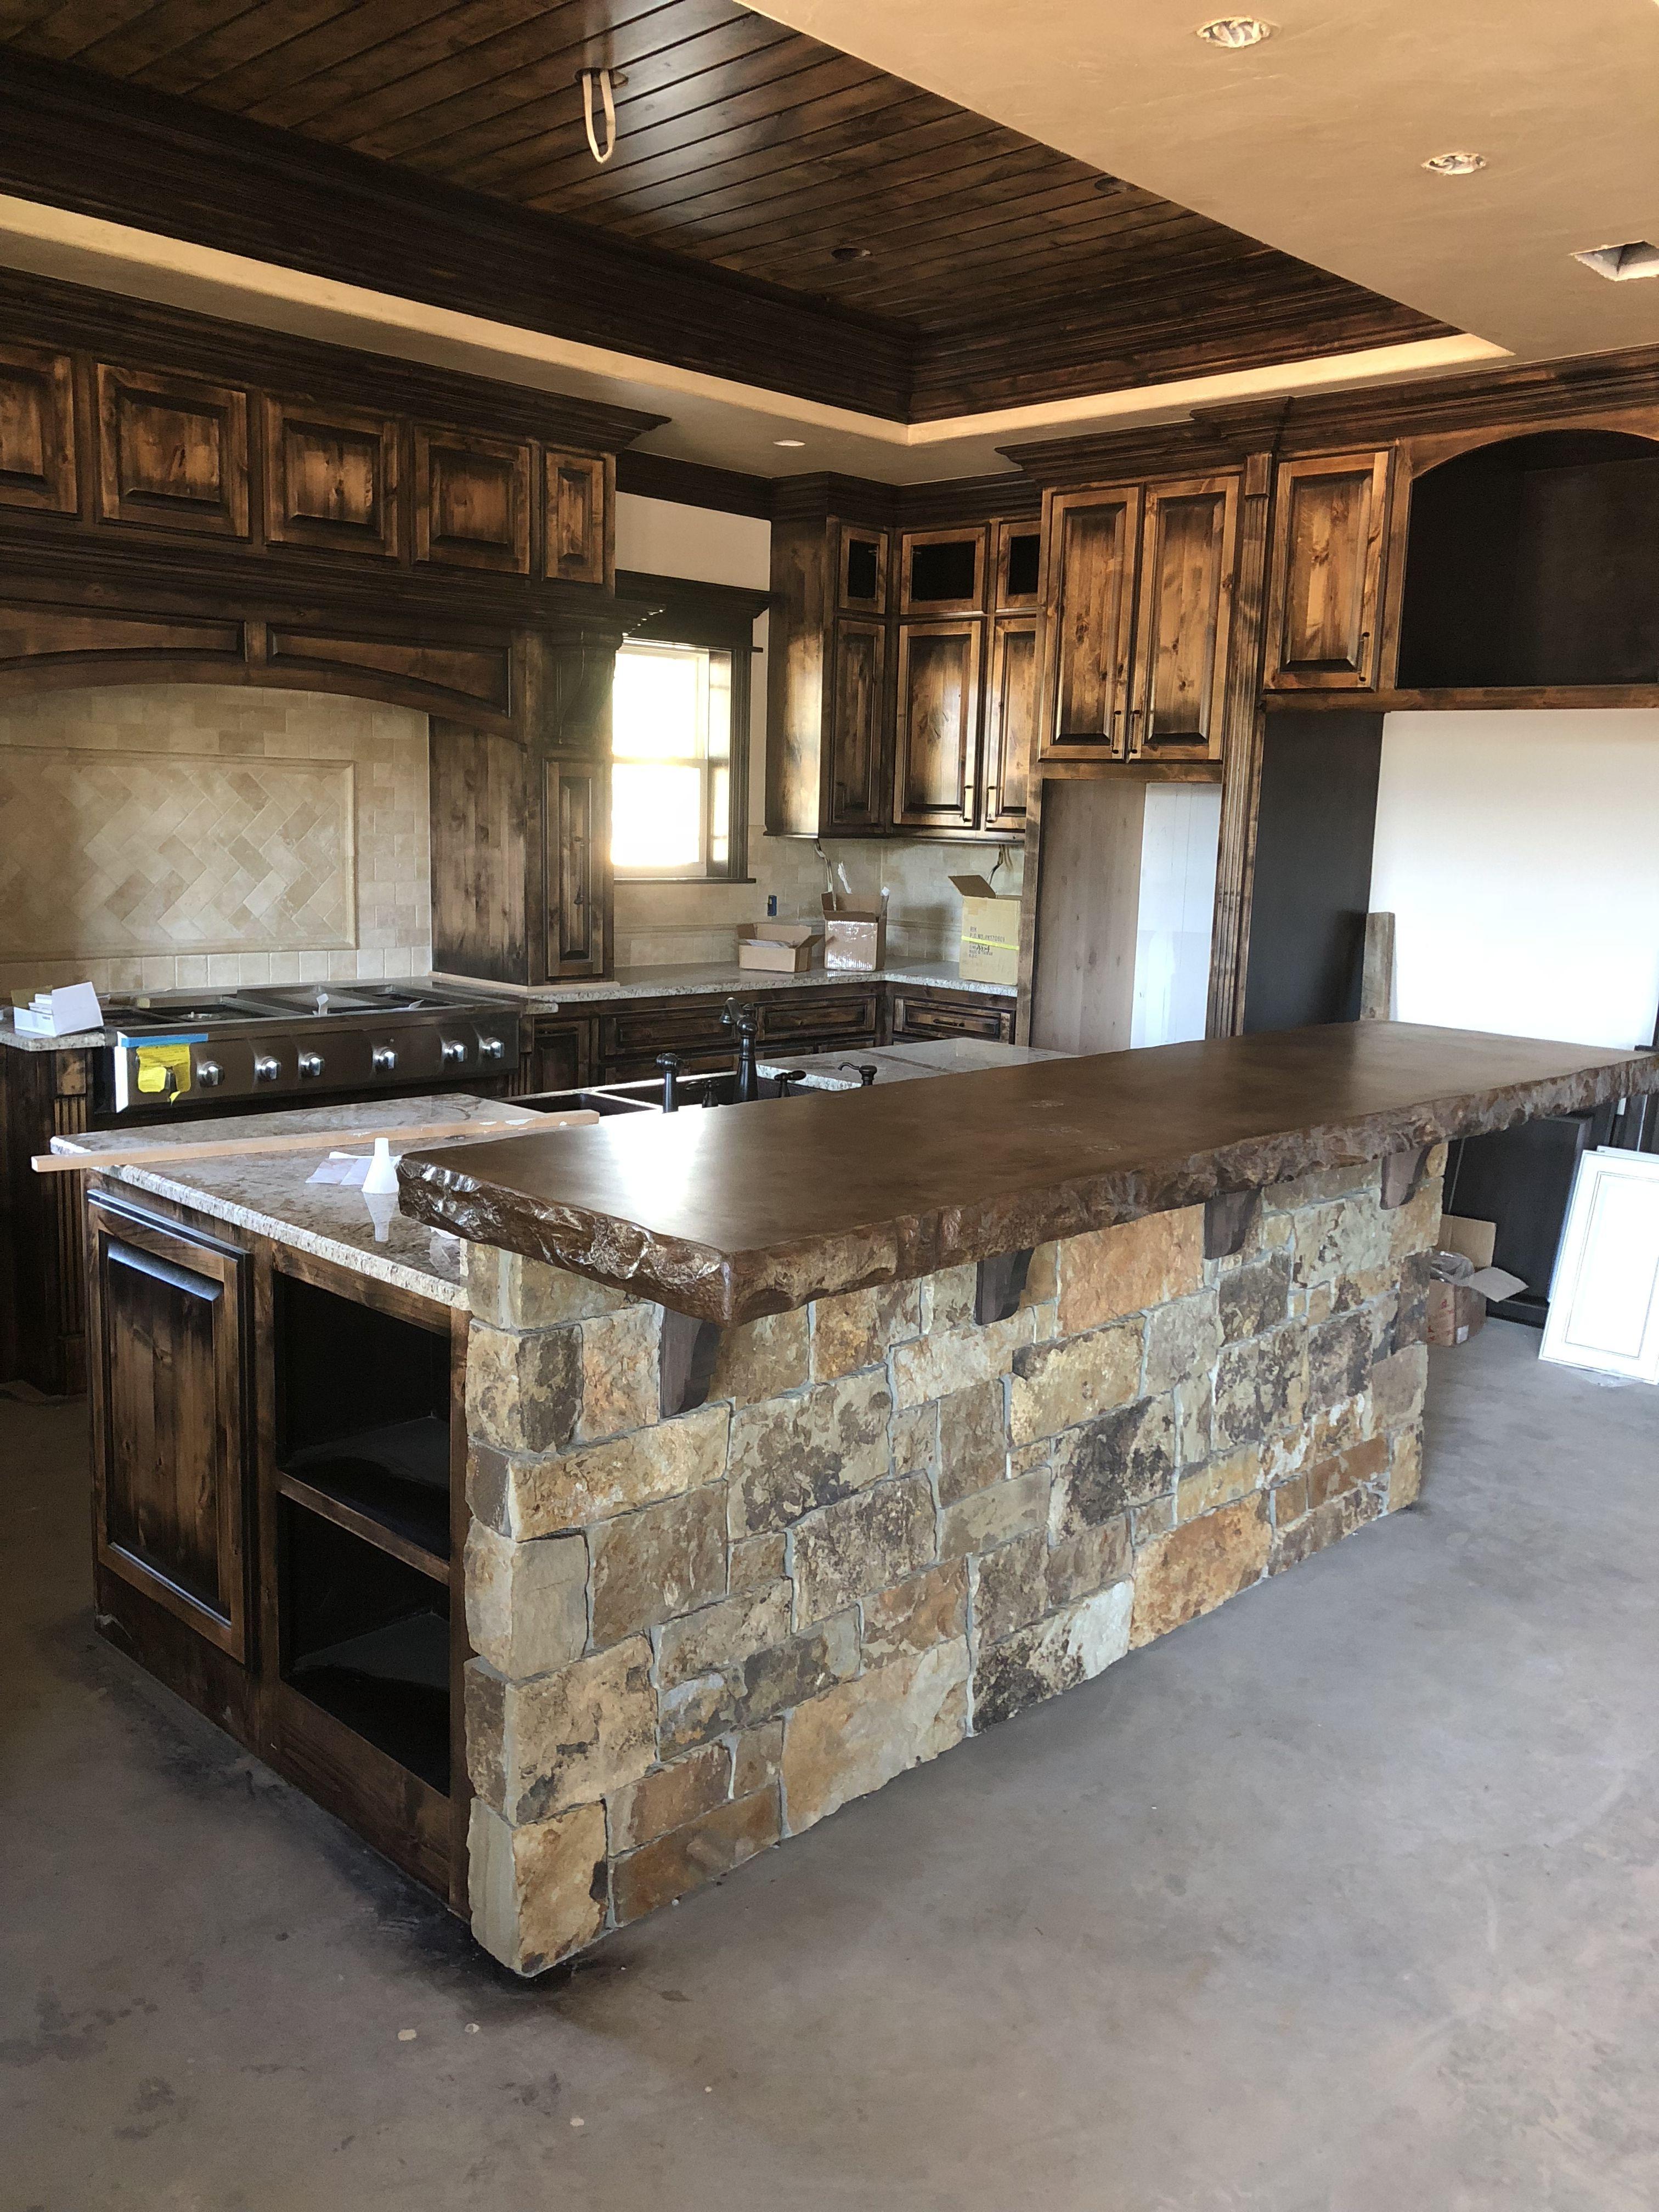 Raisedbar Bar Concrete Countertop Thickconcrete